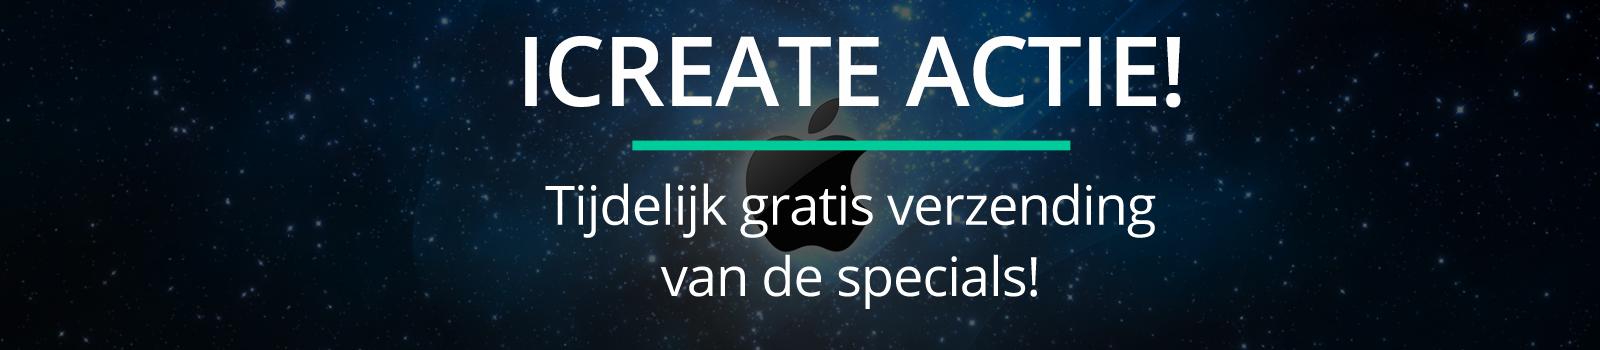 iCreate actie